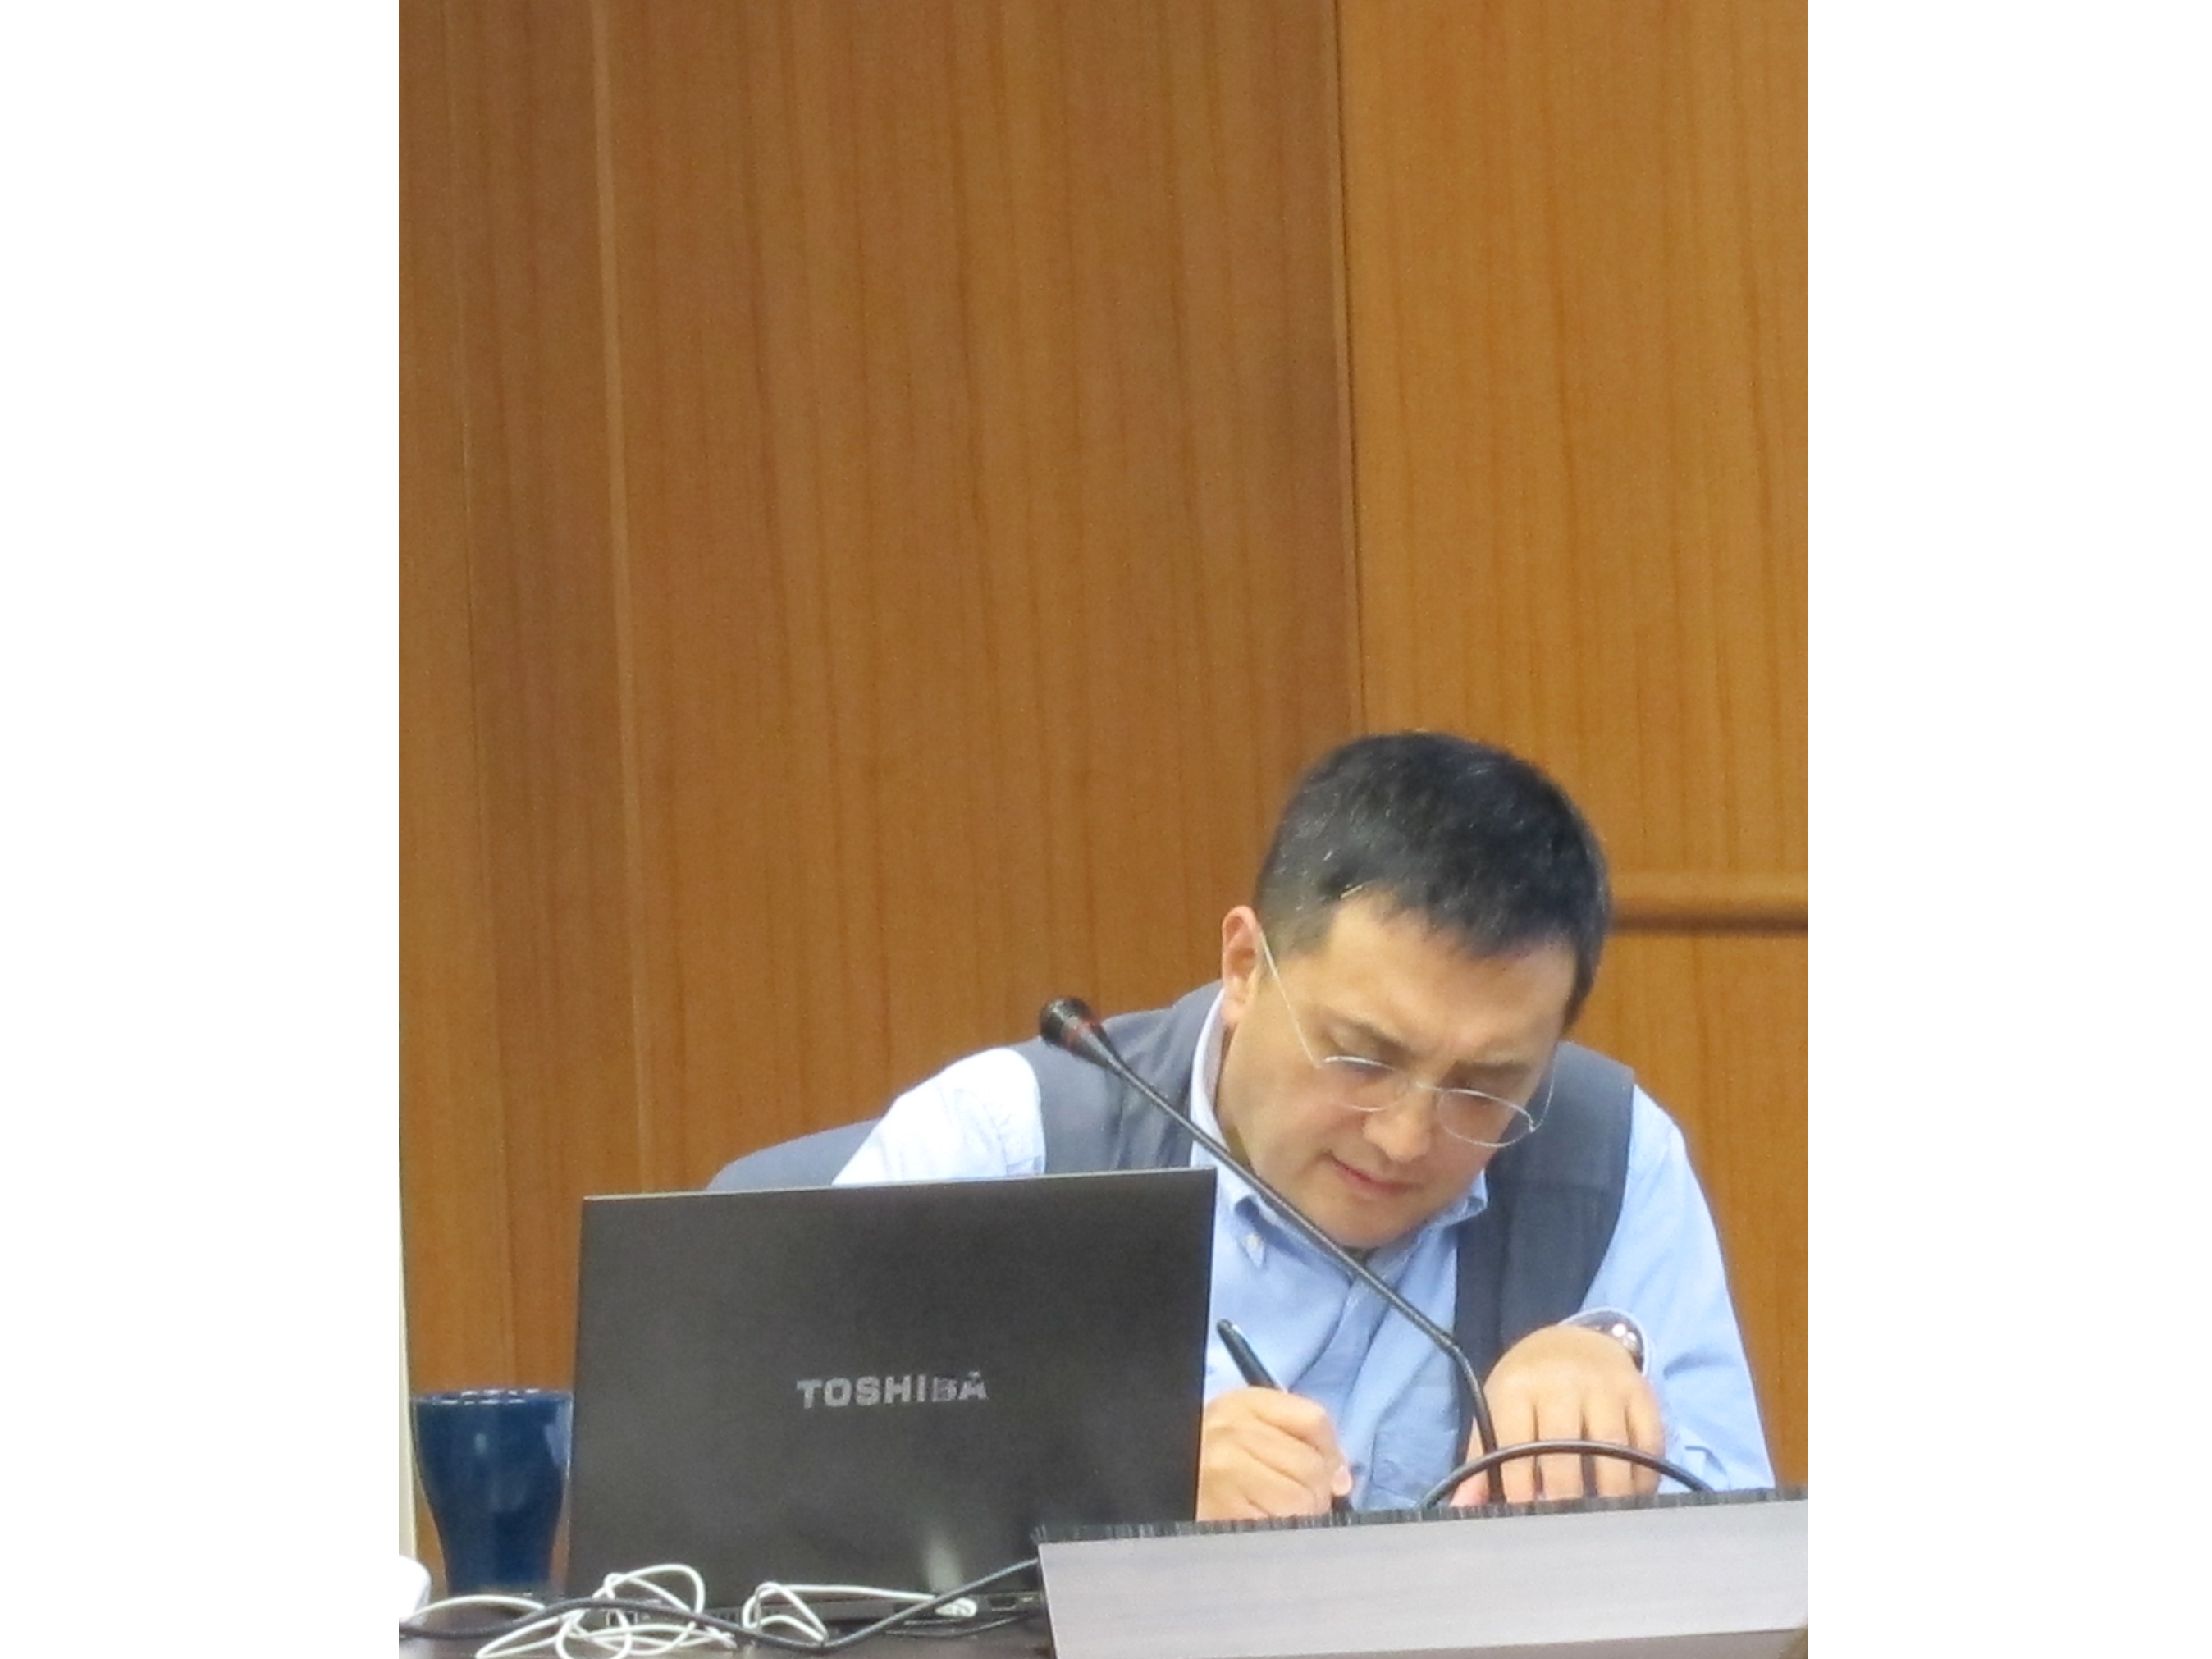 吳啟訥教授演講「中國」內涵的變更與中國歷史的近代轉型」紀要